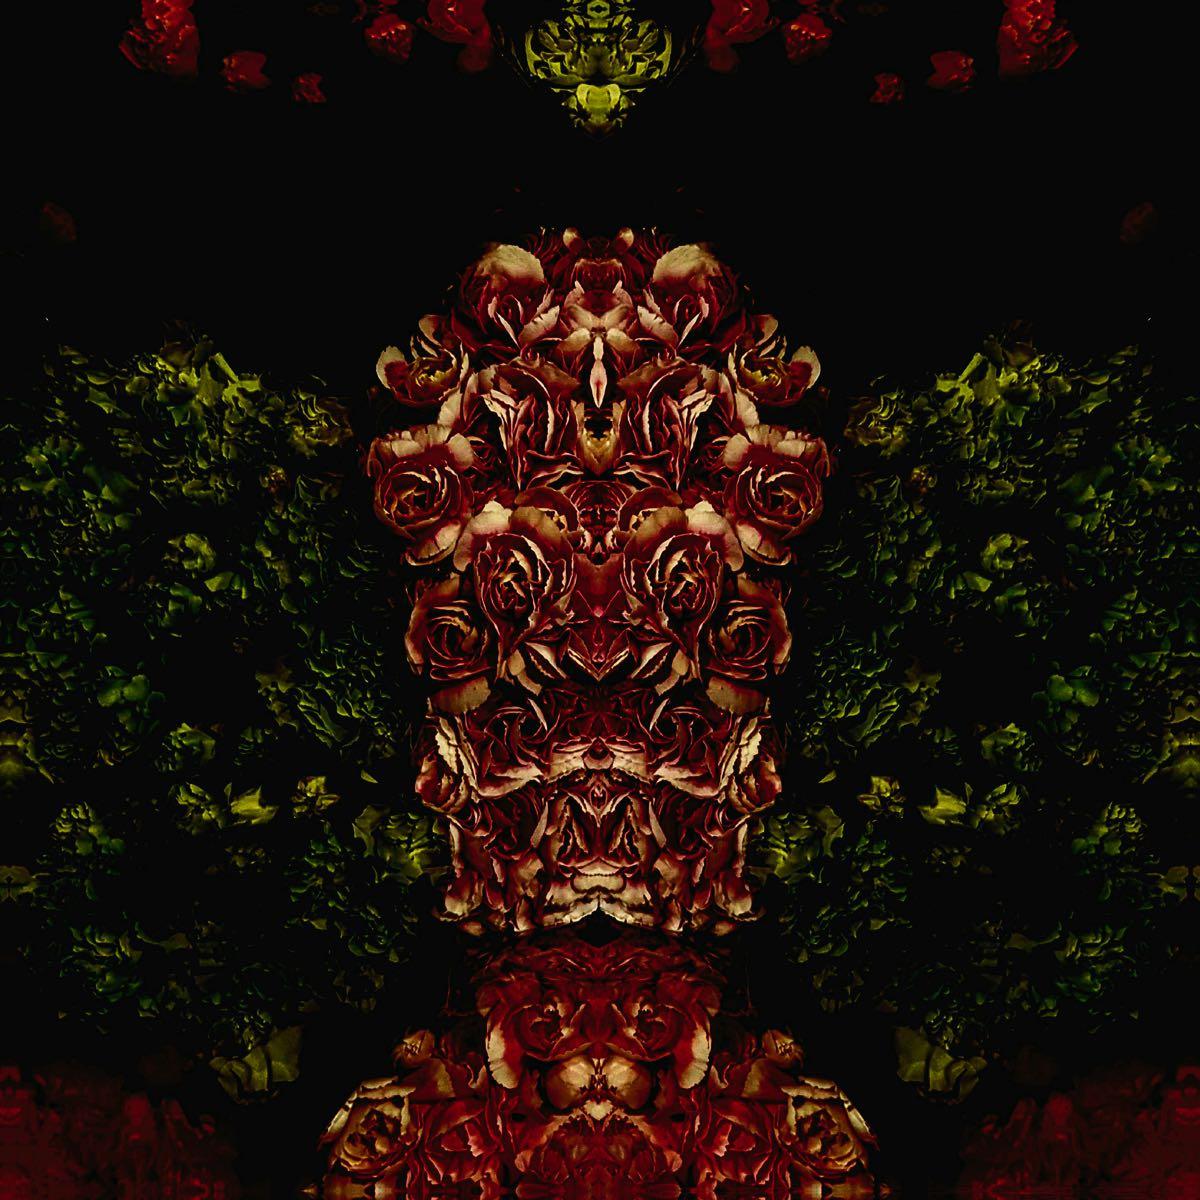 Subconscious - Flower Creatures #8 (40x40 cm) - Print on cotton paper 2020